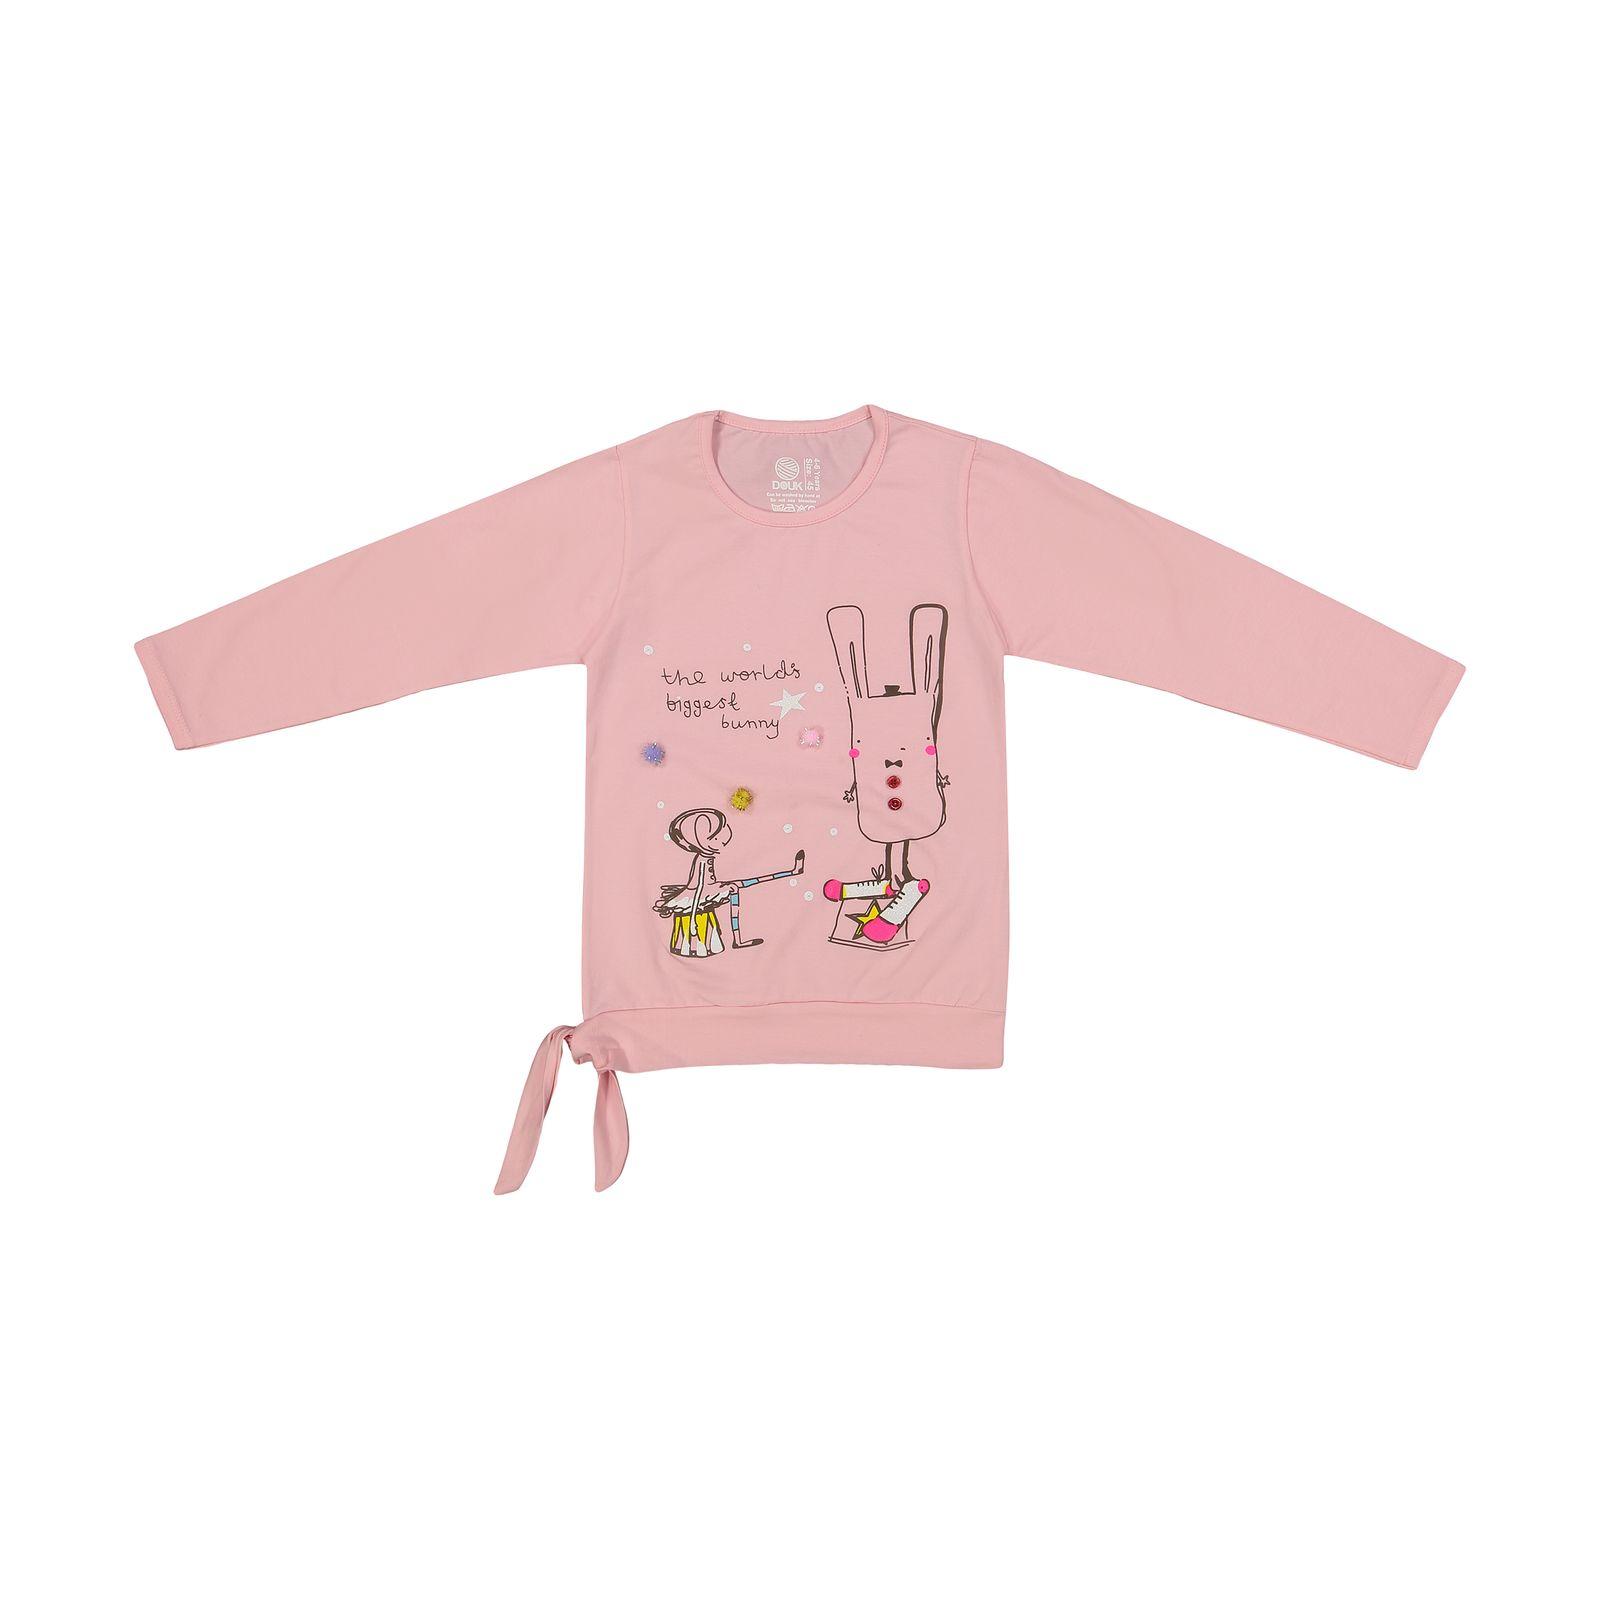 تی شرت دخترانه سون پون مدل 1391358-21 -  - 2